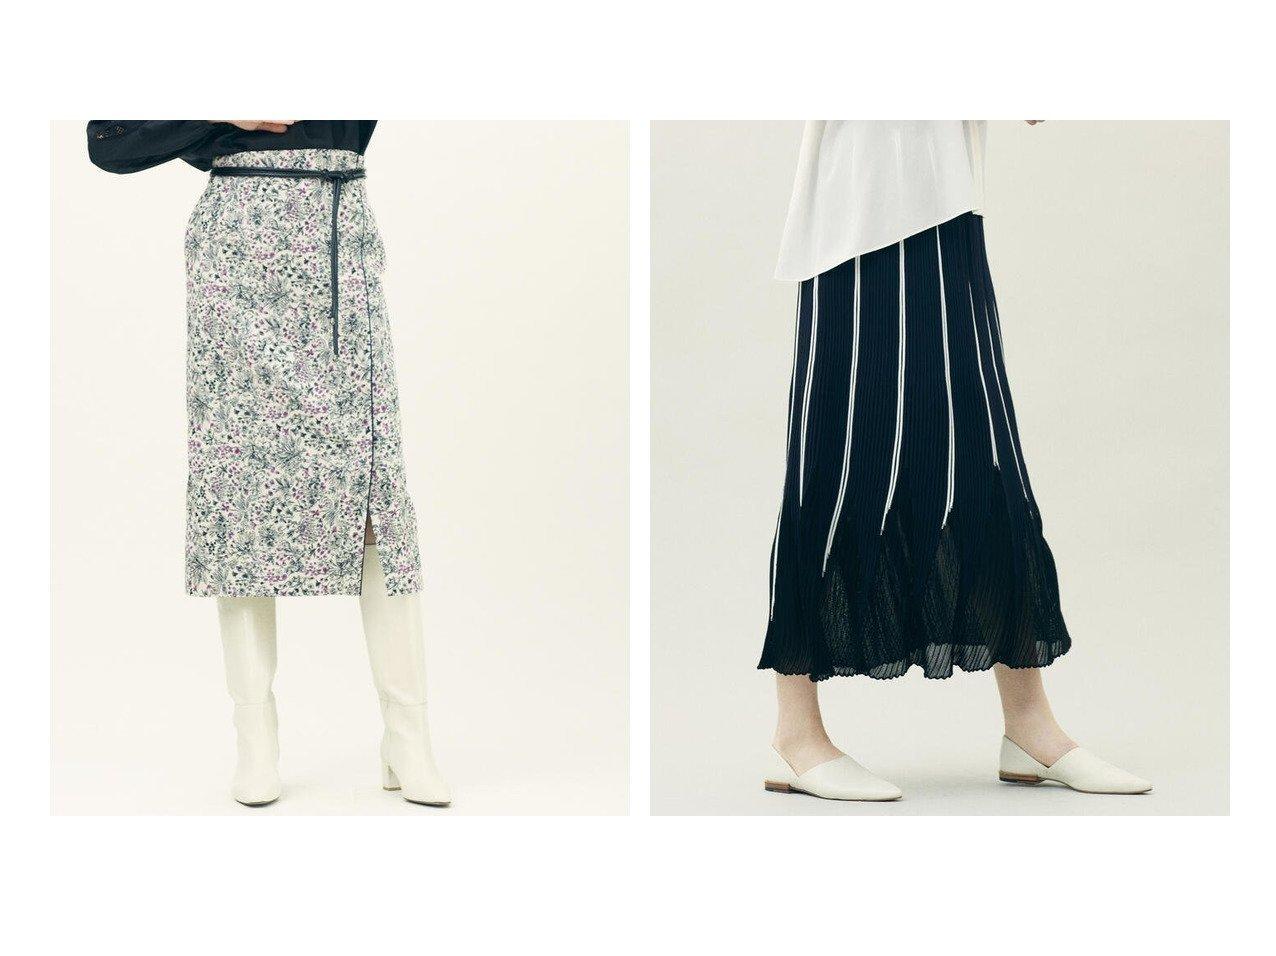 【DES PRES / TOMORROWLAND/デプレ】のシャンブレーニット フレアロングスカート&【TOMORROWLAND collection/トゥモローランド コレクション】のグラスランドジャカード ミディタイトスカート スカートのおすすめ!人気、トレンド・レディースファッションの通販 おすすめで人気の流行・トレンド、ファッションの通販商品 メンズファッション・キッズファッション・インテリア・家具・レディースファッション・服の通販 founy(ファニー) https://founy.com/ ファッション Fashion レディースファッション WOMEN スカート Skirt Aライン/フレアスカート Flared A-Line Skirts ロングスカート Long Skirt 2021年 2021 2021 春夏 S/S SS Spring/Summer 2021 S/S 春夏 SS Spring/Summer エレガント クラシカル シンプル ジャカード タイトスカート パイピング パープル フラワー フロント モチーフ ラップ 再入荷 Restock/Back in Stock/Re Arrival おすすめ Recommend ギャザー シューズ フラット フレア プリーツ ロング 軽量  ID:crp329100000022461